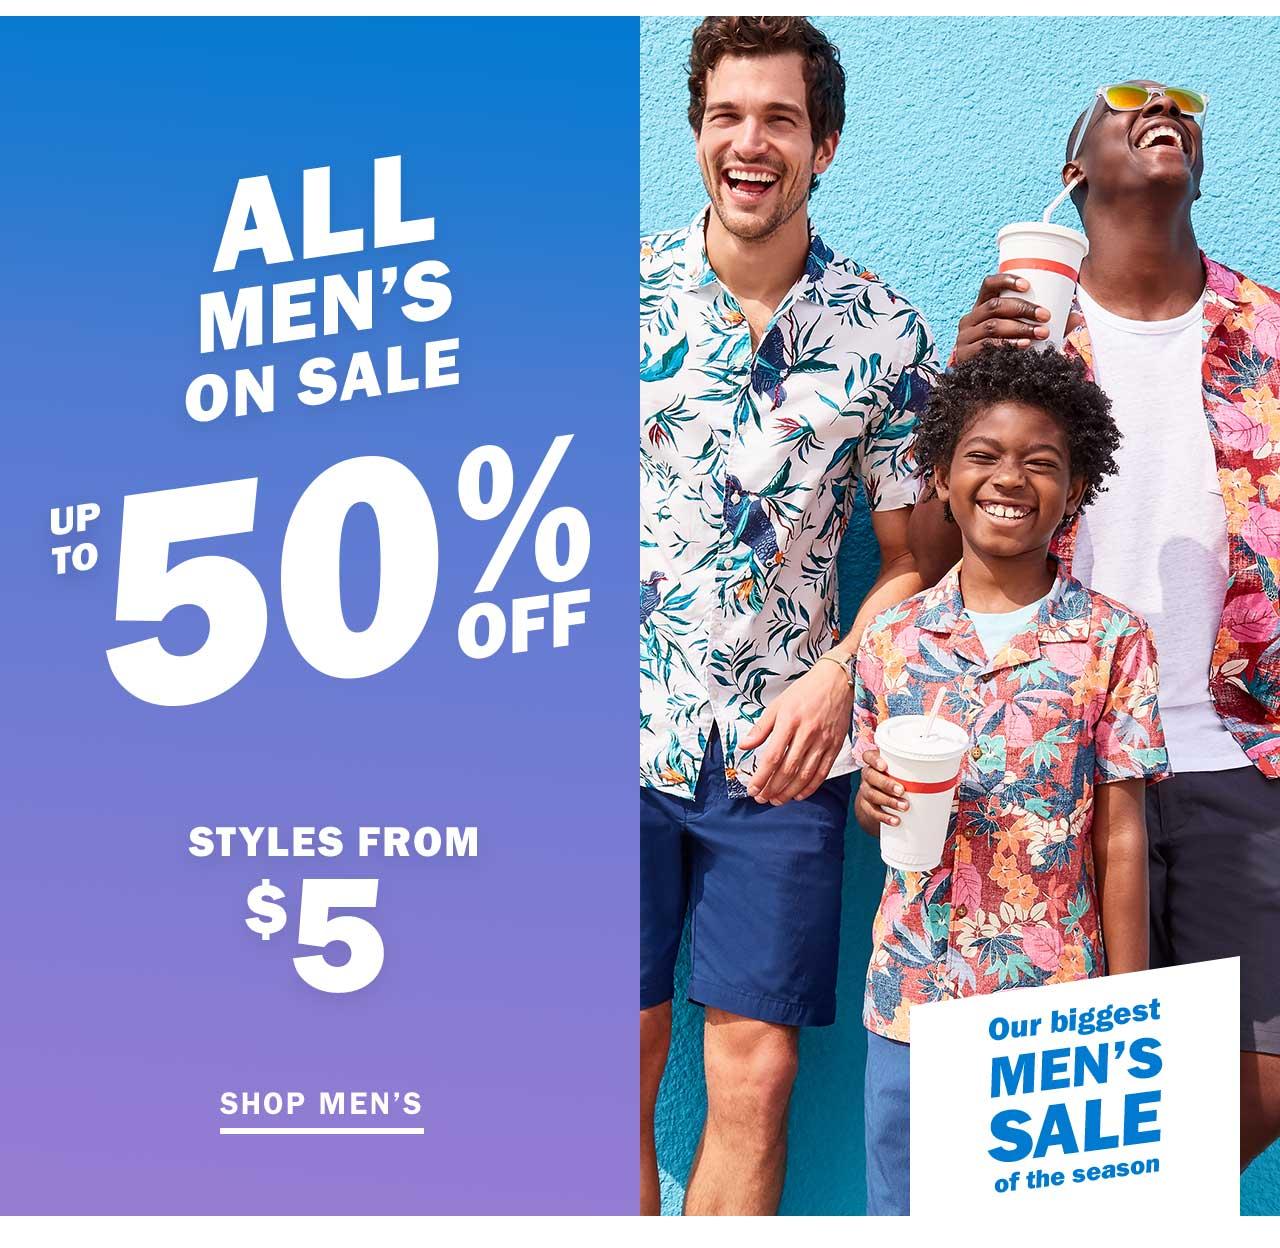 ALL MEN'S ON SALE | UP TO 50% OFF | SHOP MEN'S